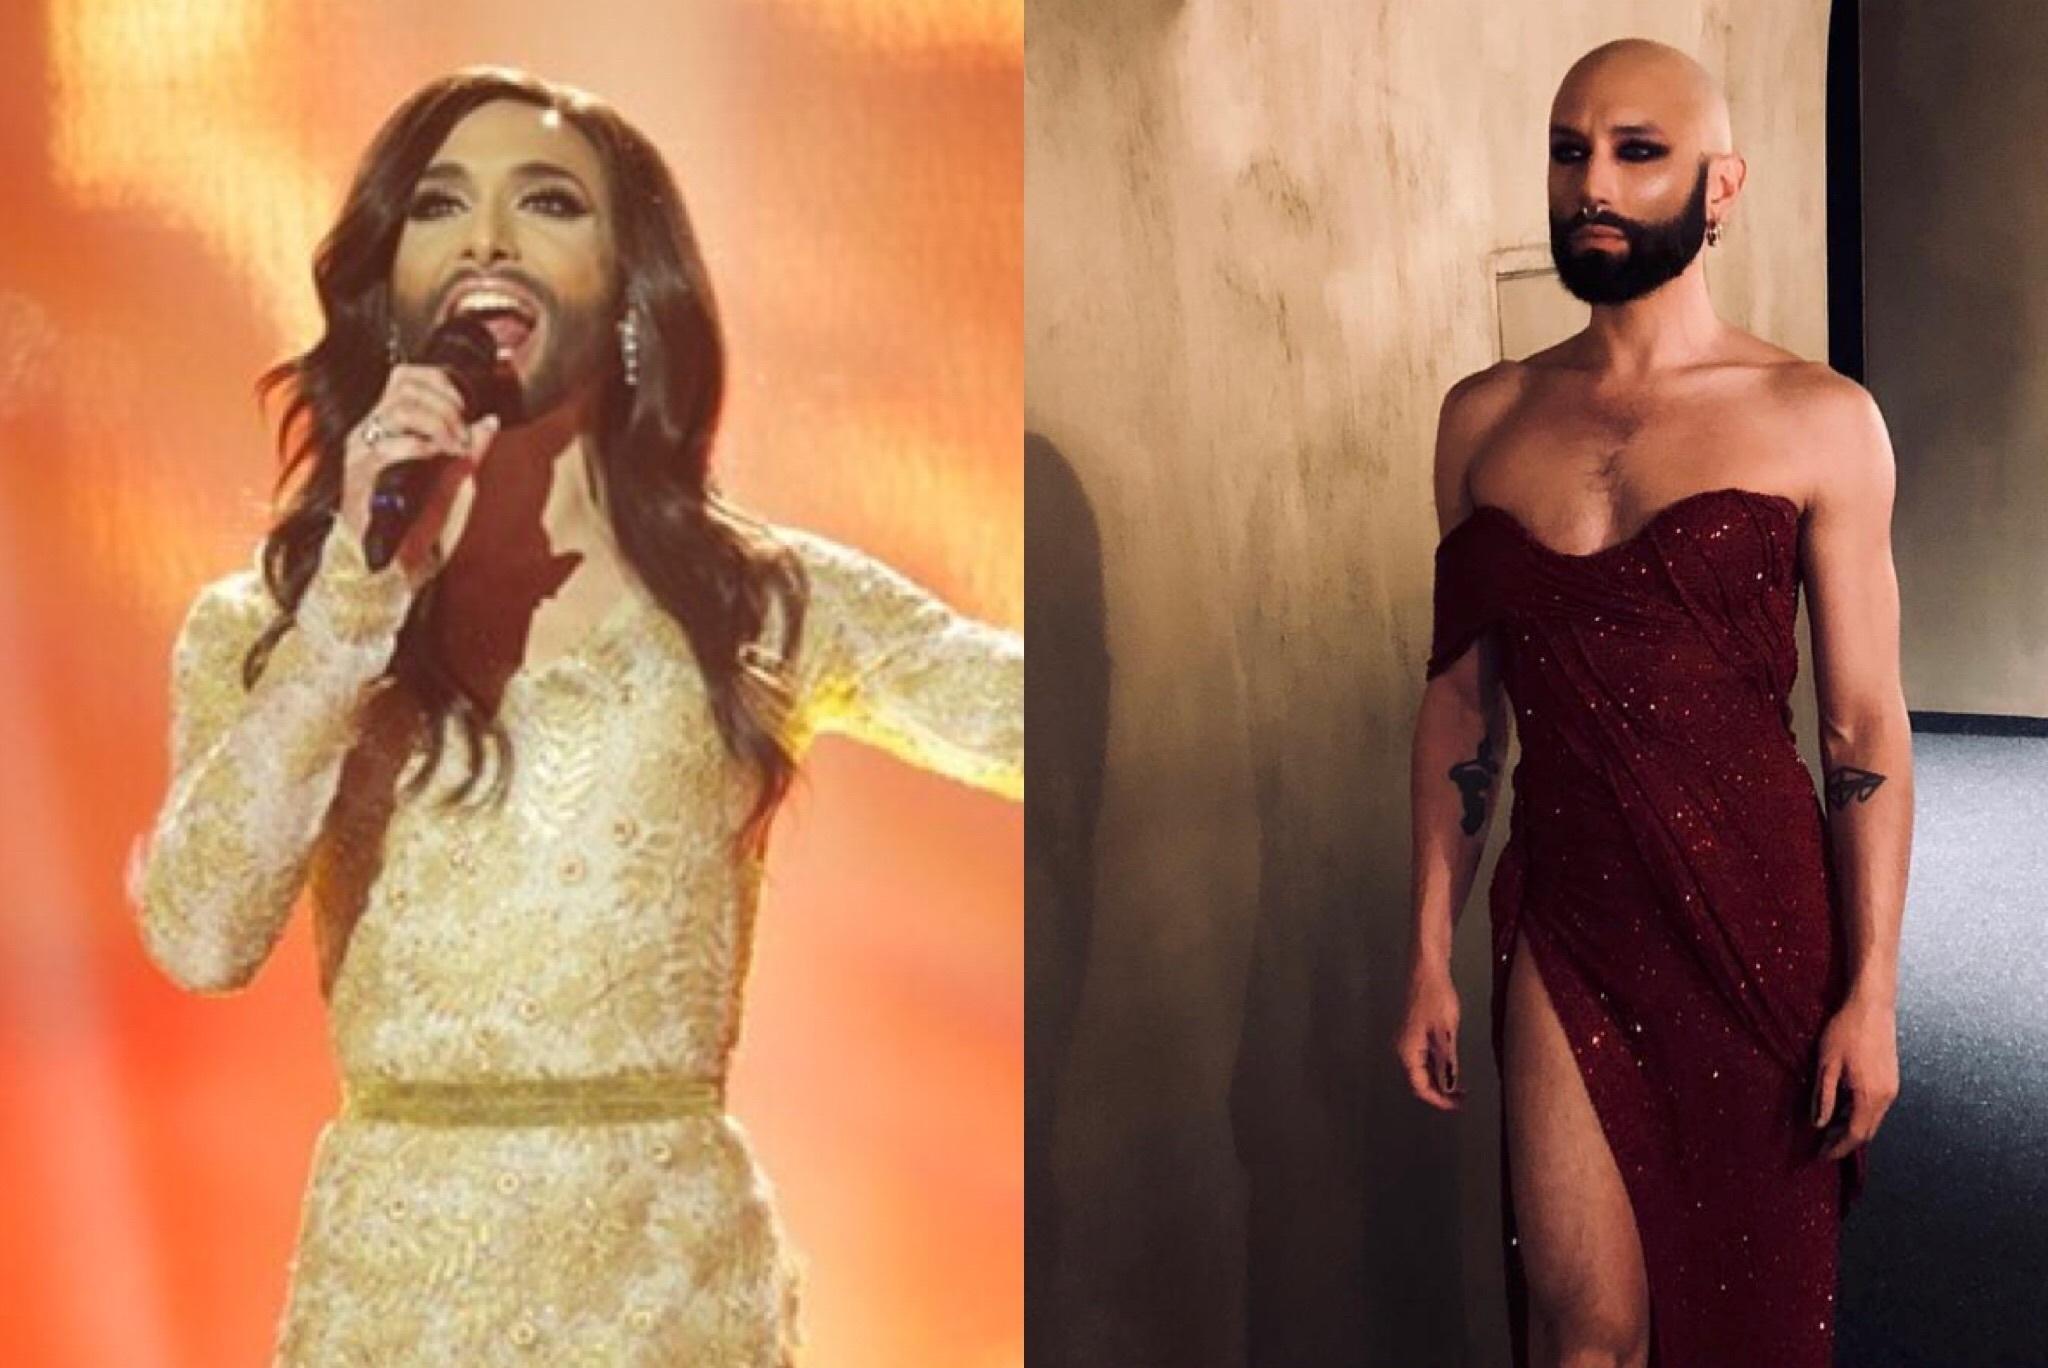 Conchita Wurst en su actuación de Eurovision 2014 y en una publicación de Instagram de febrero de 2019